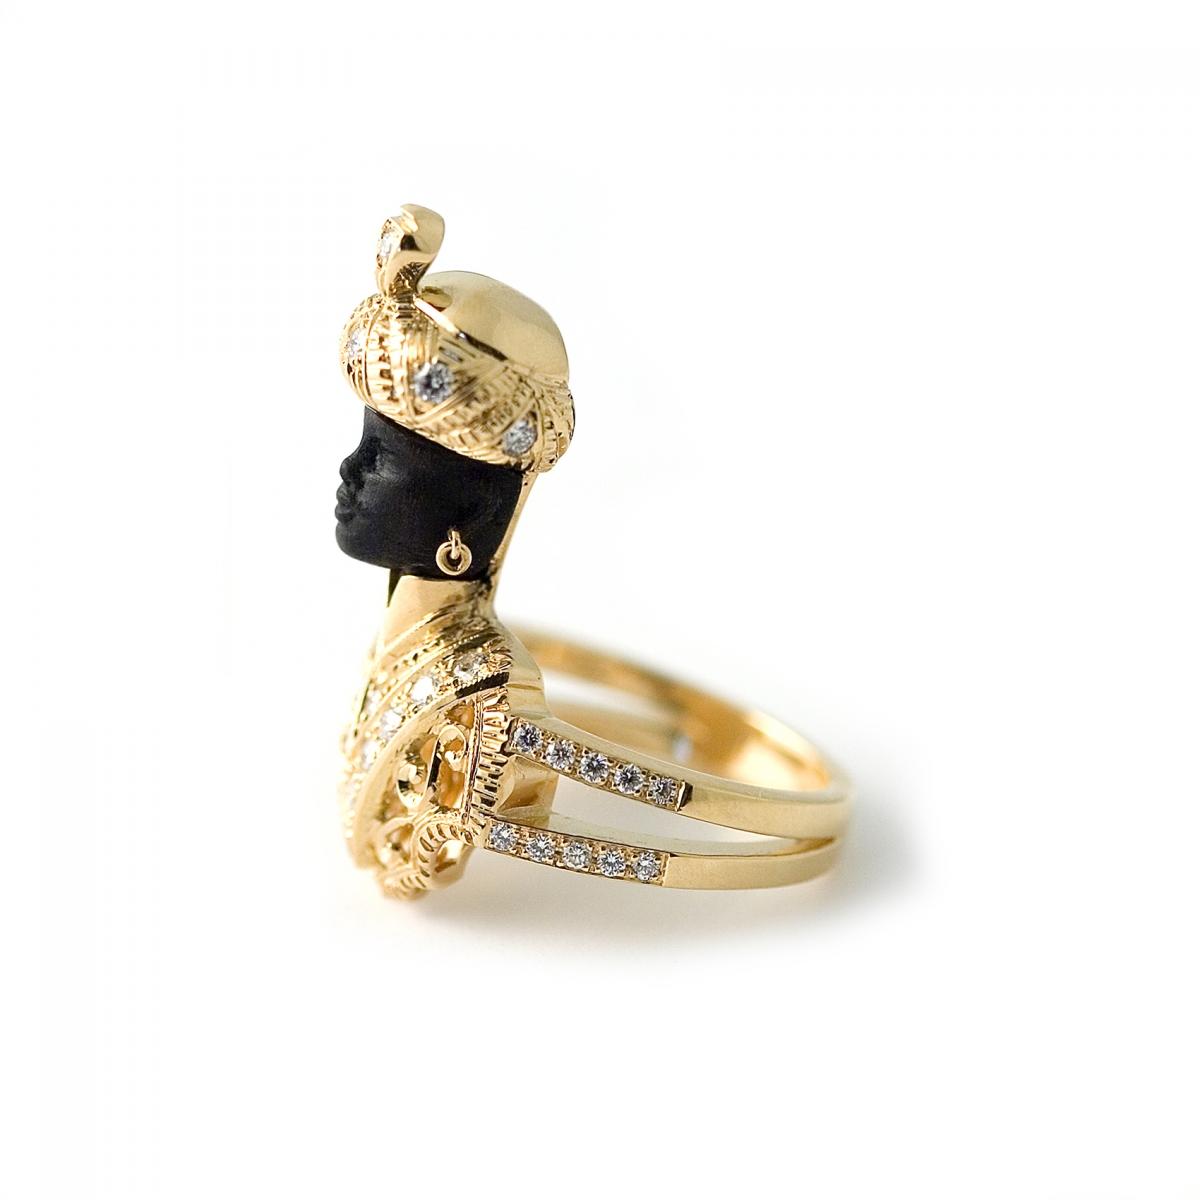 Classic Moretto ring